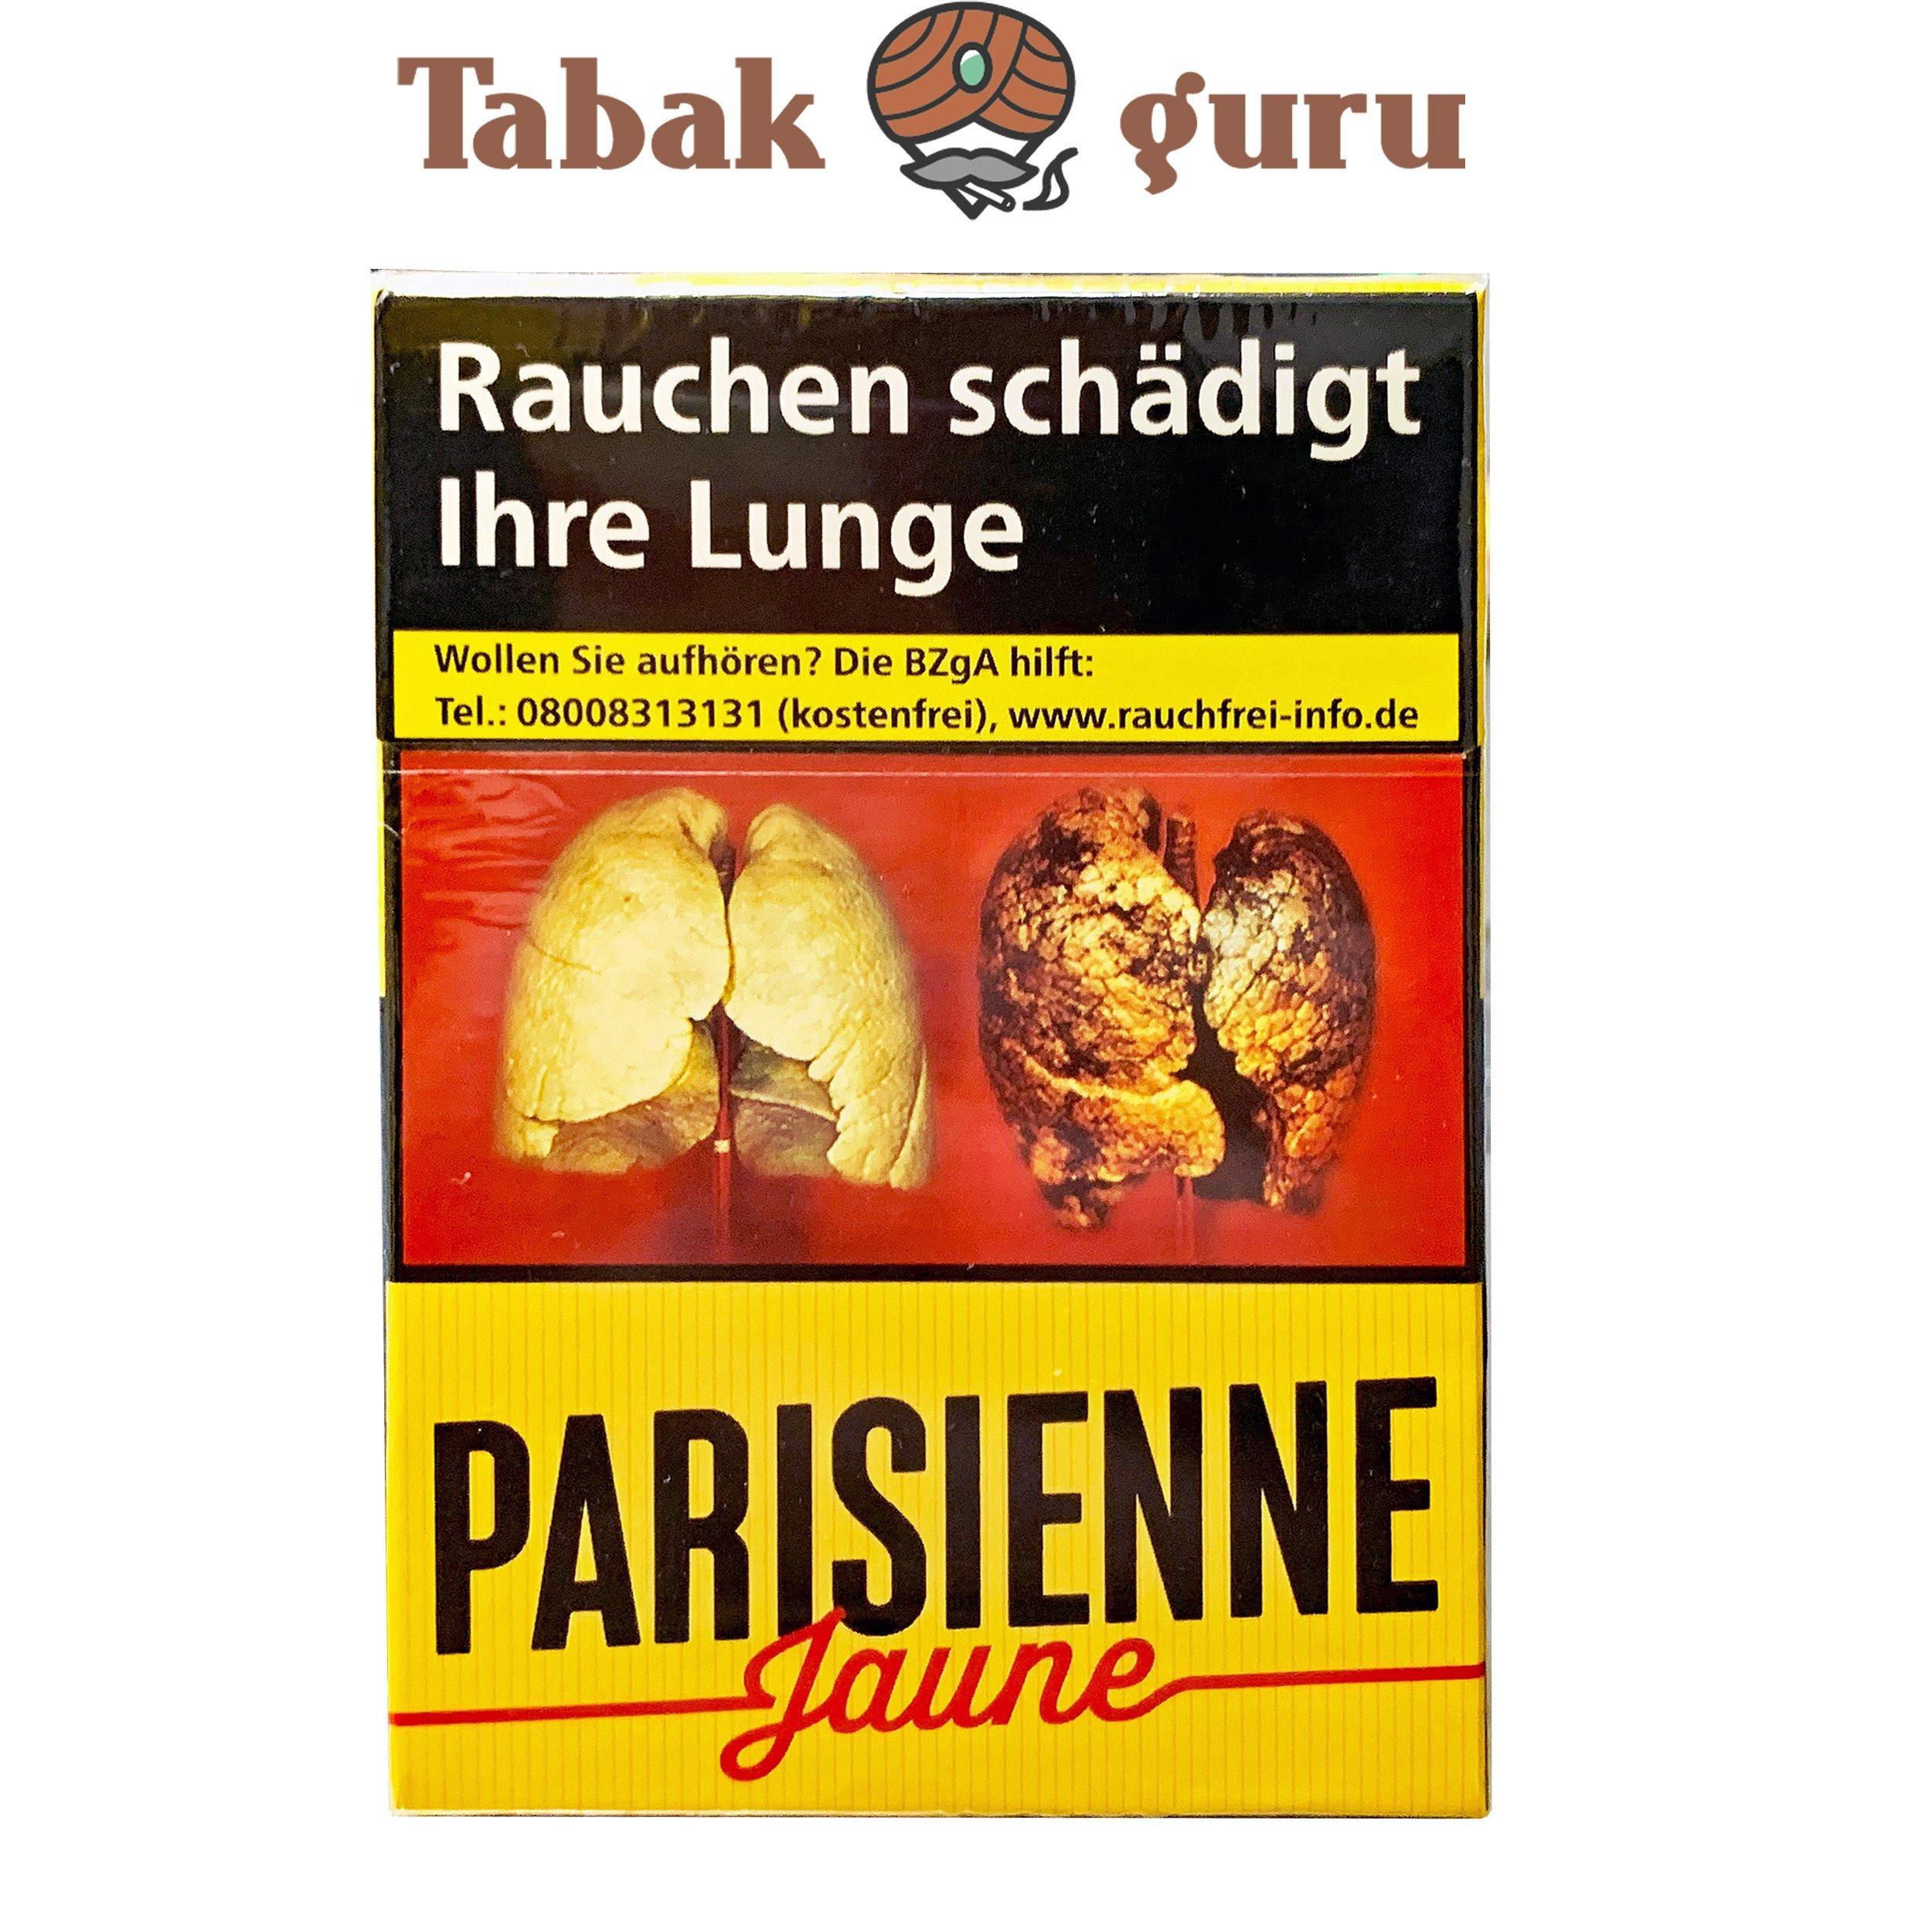 Parisienne Jaune Zigaretten 20 Stück